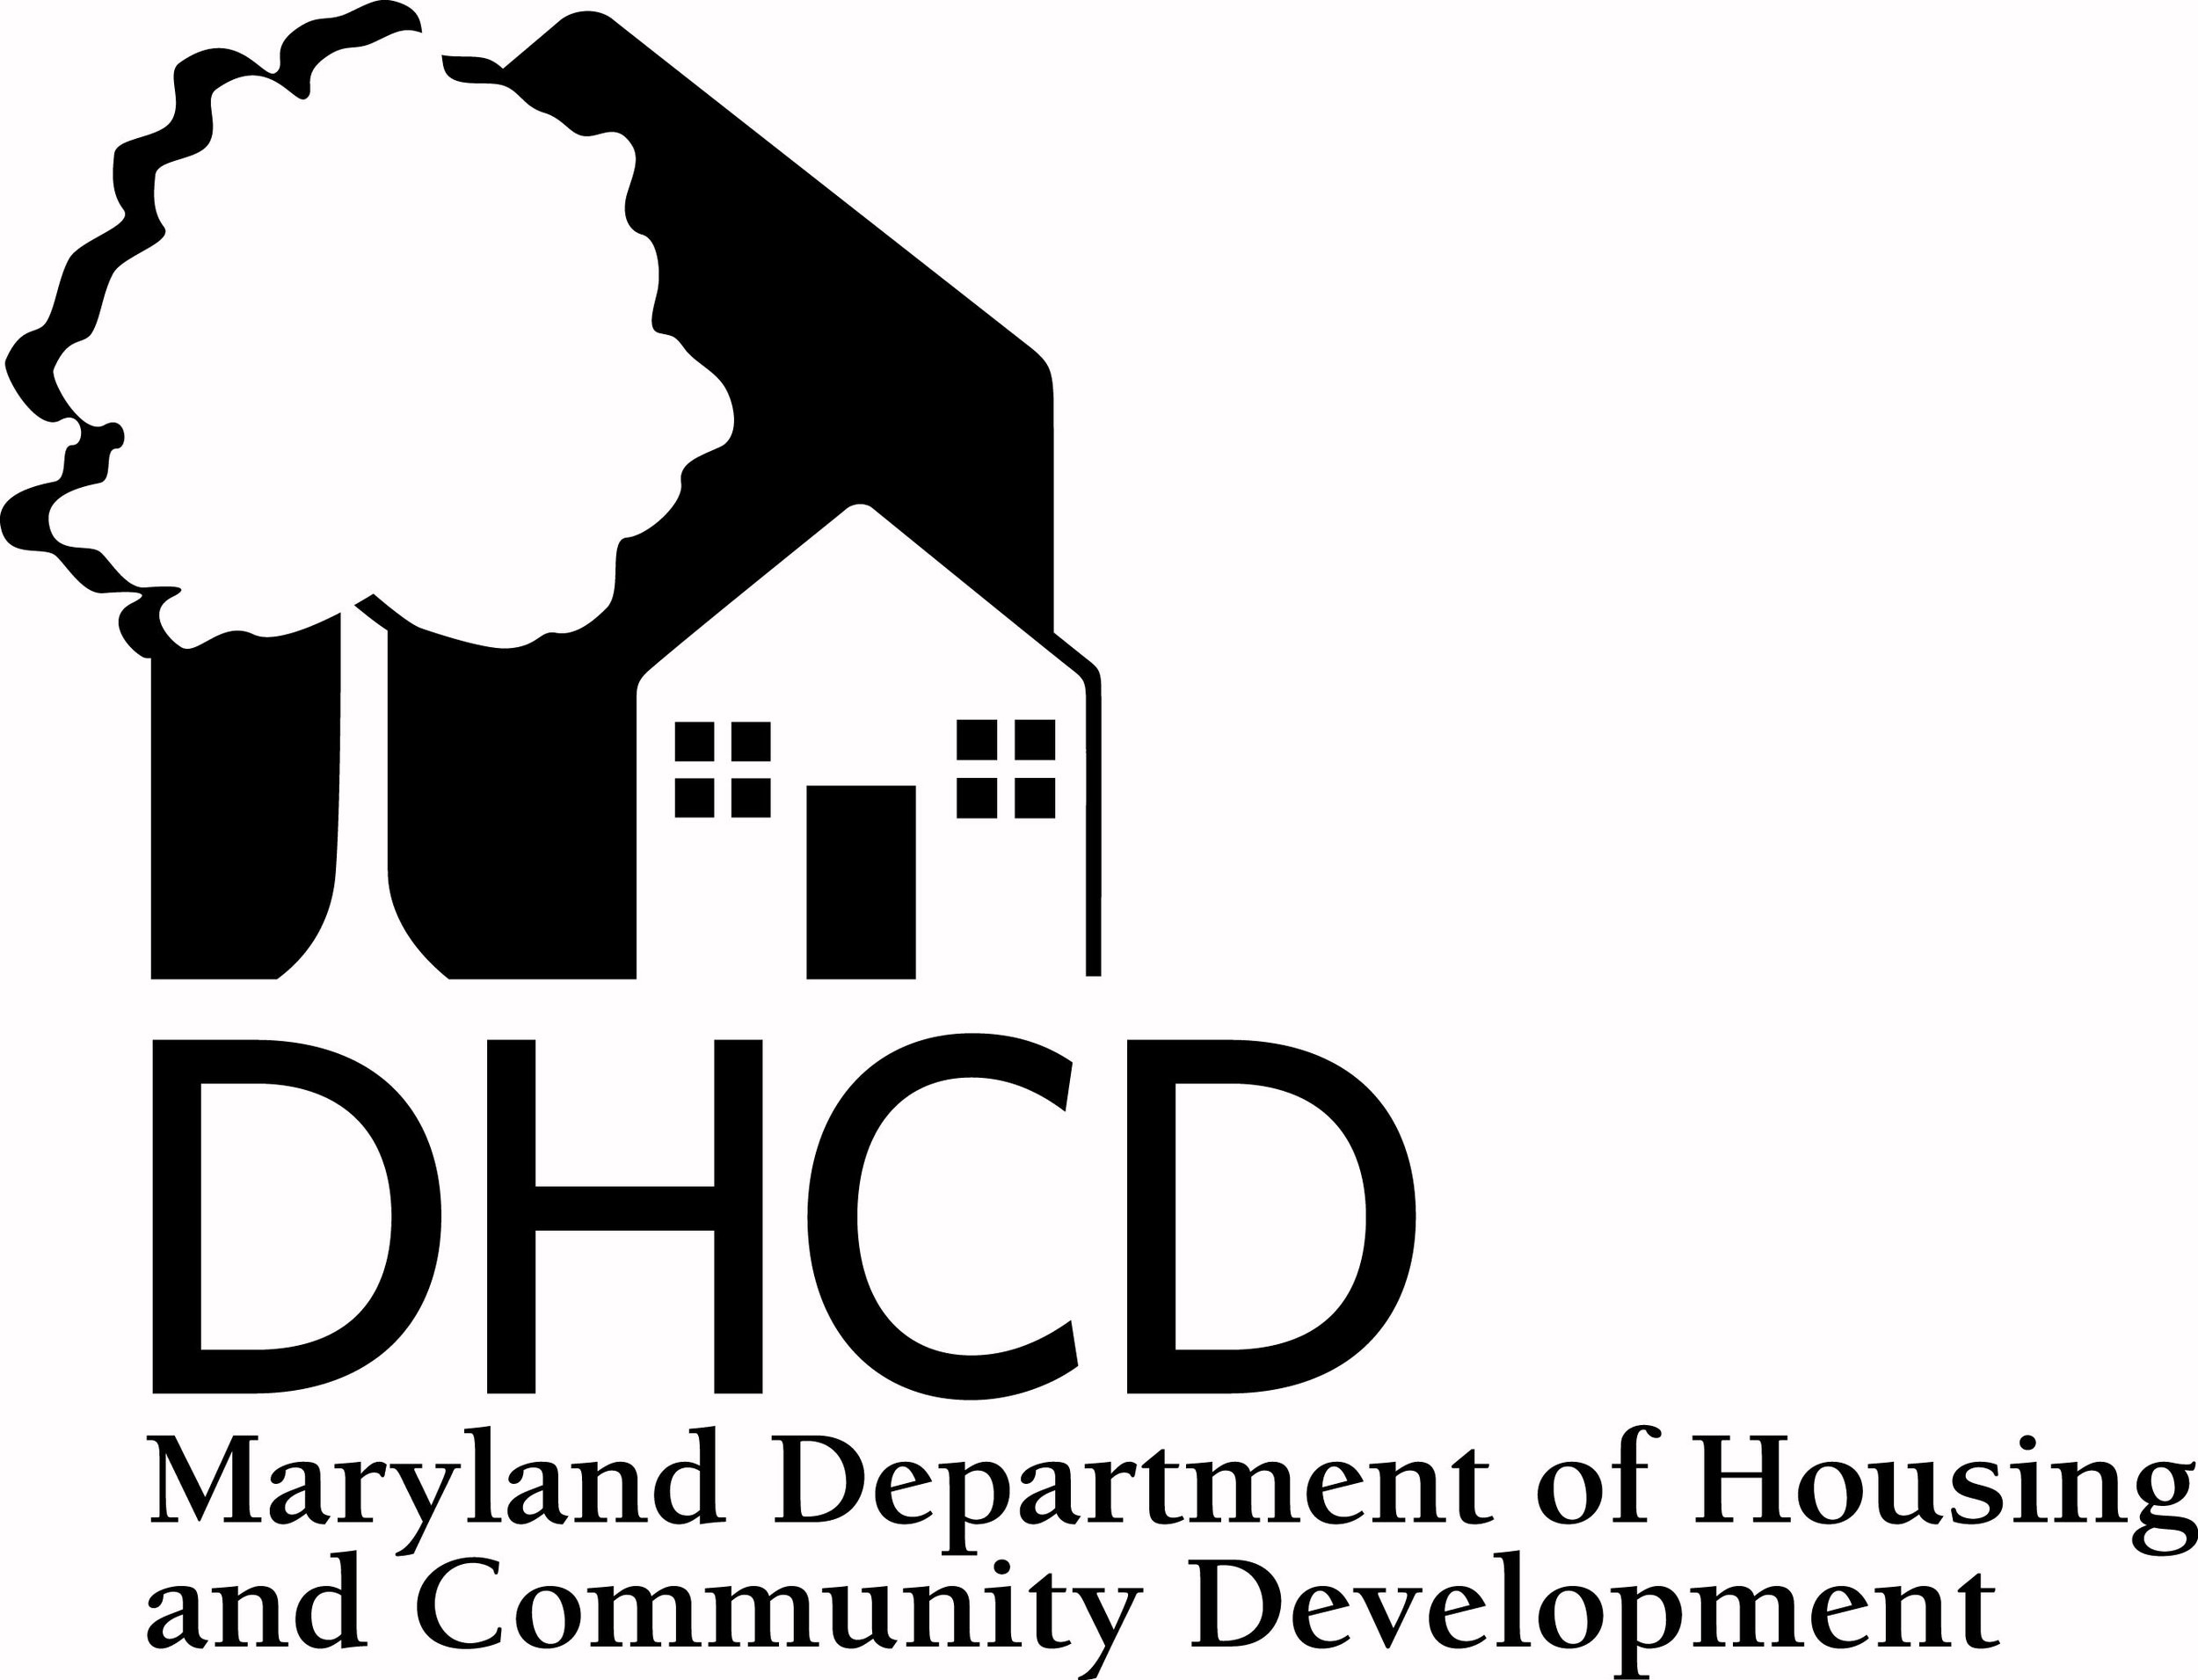 DHCD_Logo_light_bkgrd.jpg